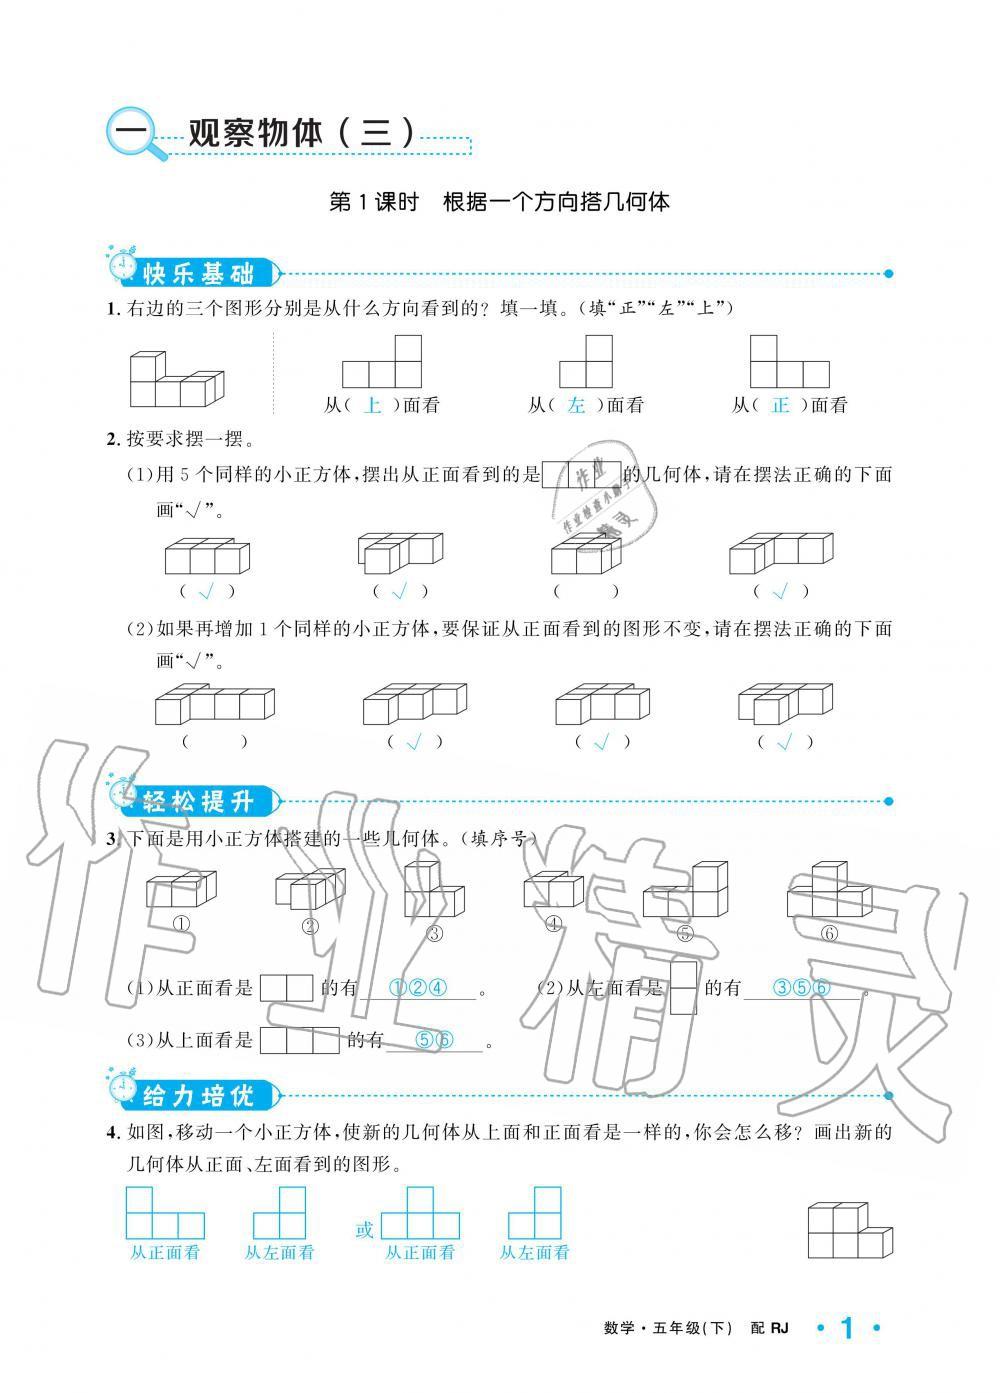 2020年小学1课3练培优作业本五年级数学下册人教版第1页